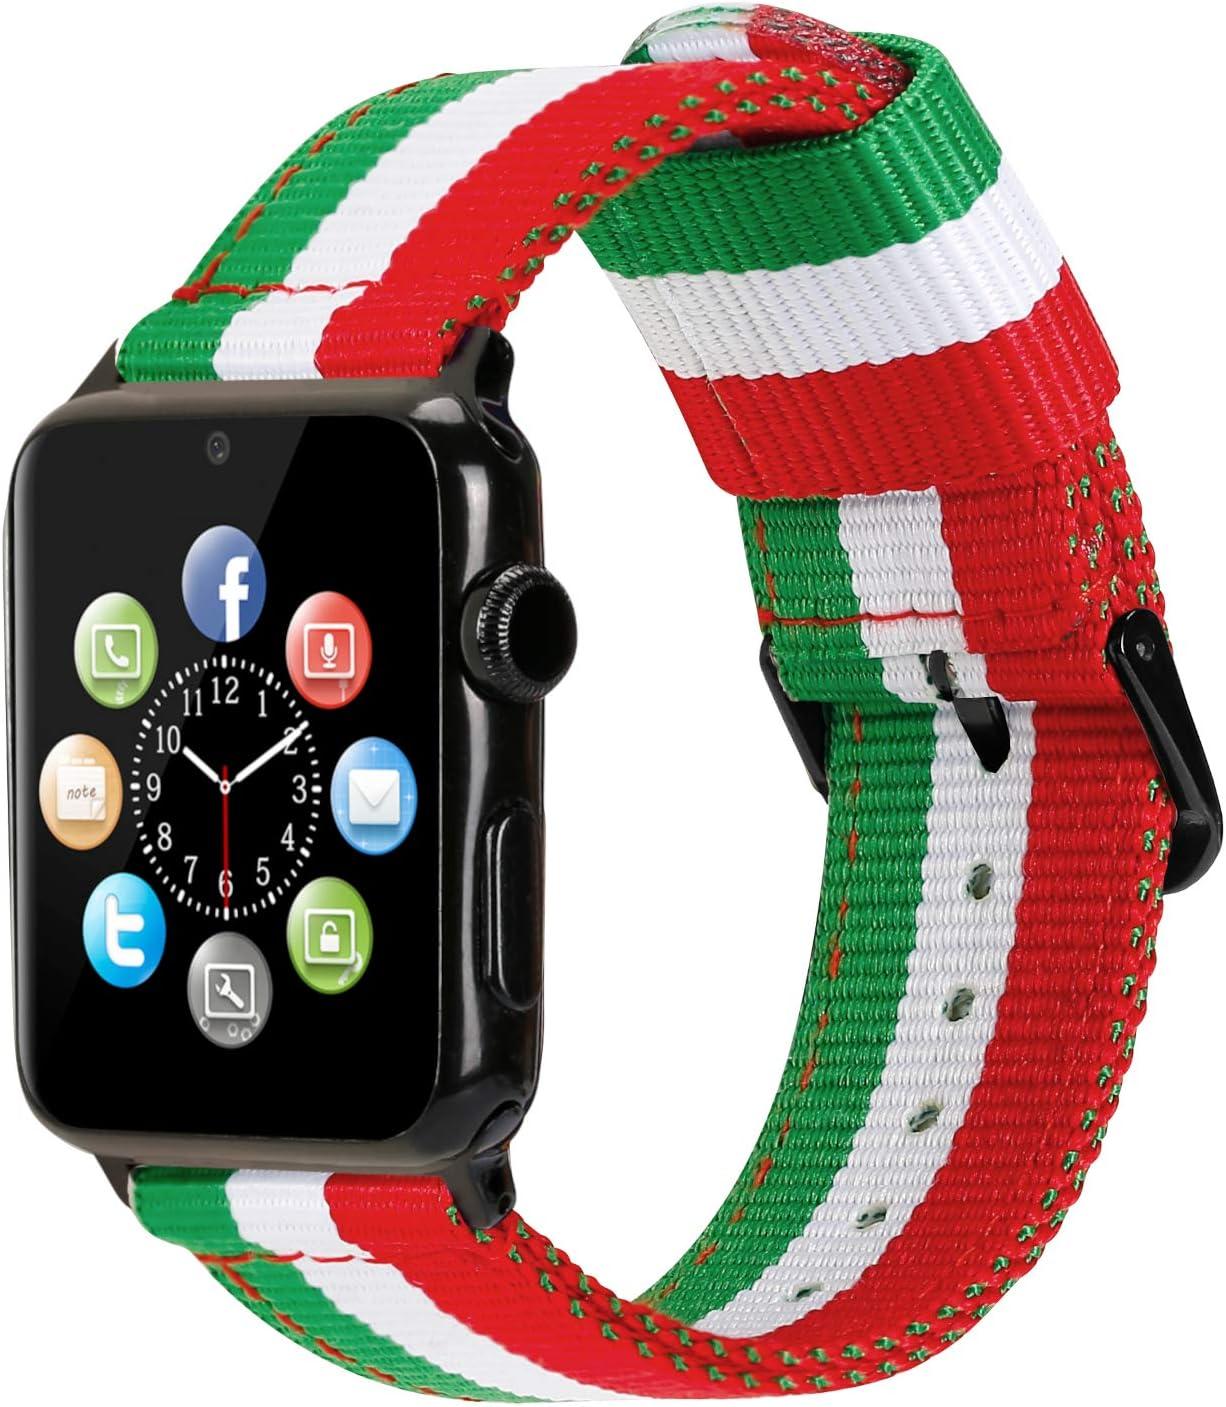 Estuyoya Nylon Armband Kompatibel Mit Apple Watch Elektronik